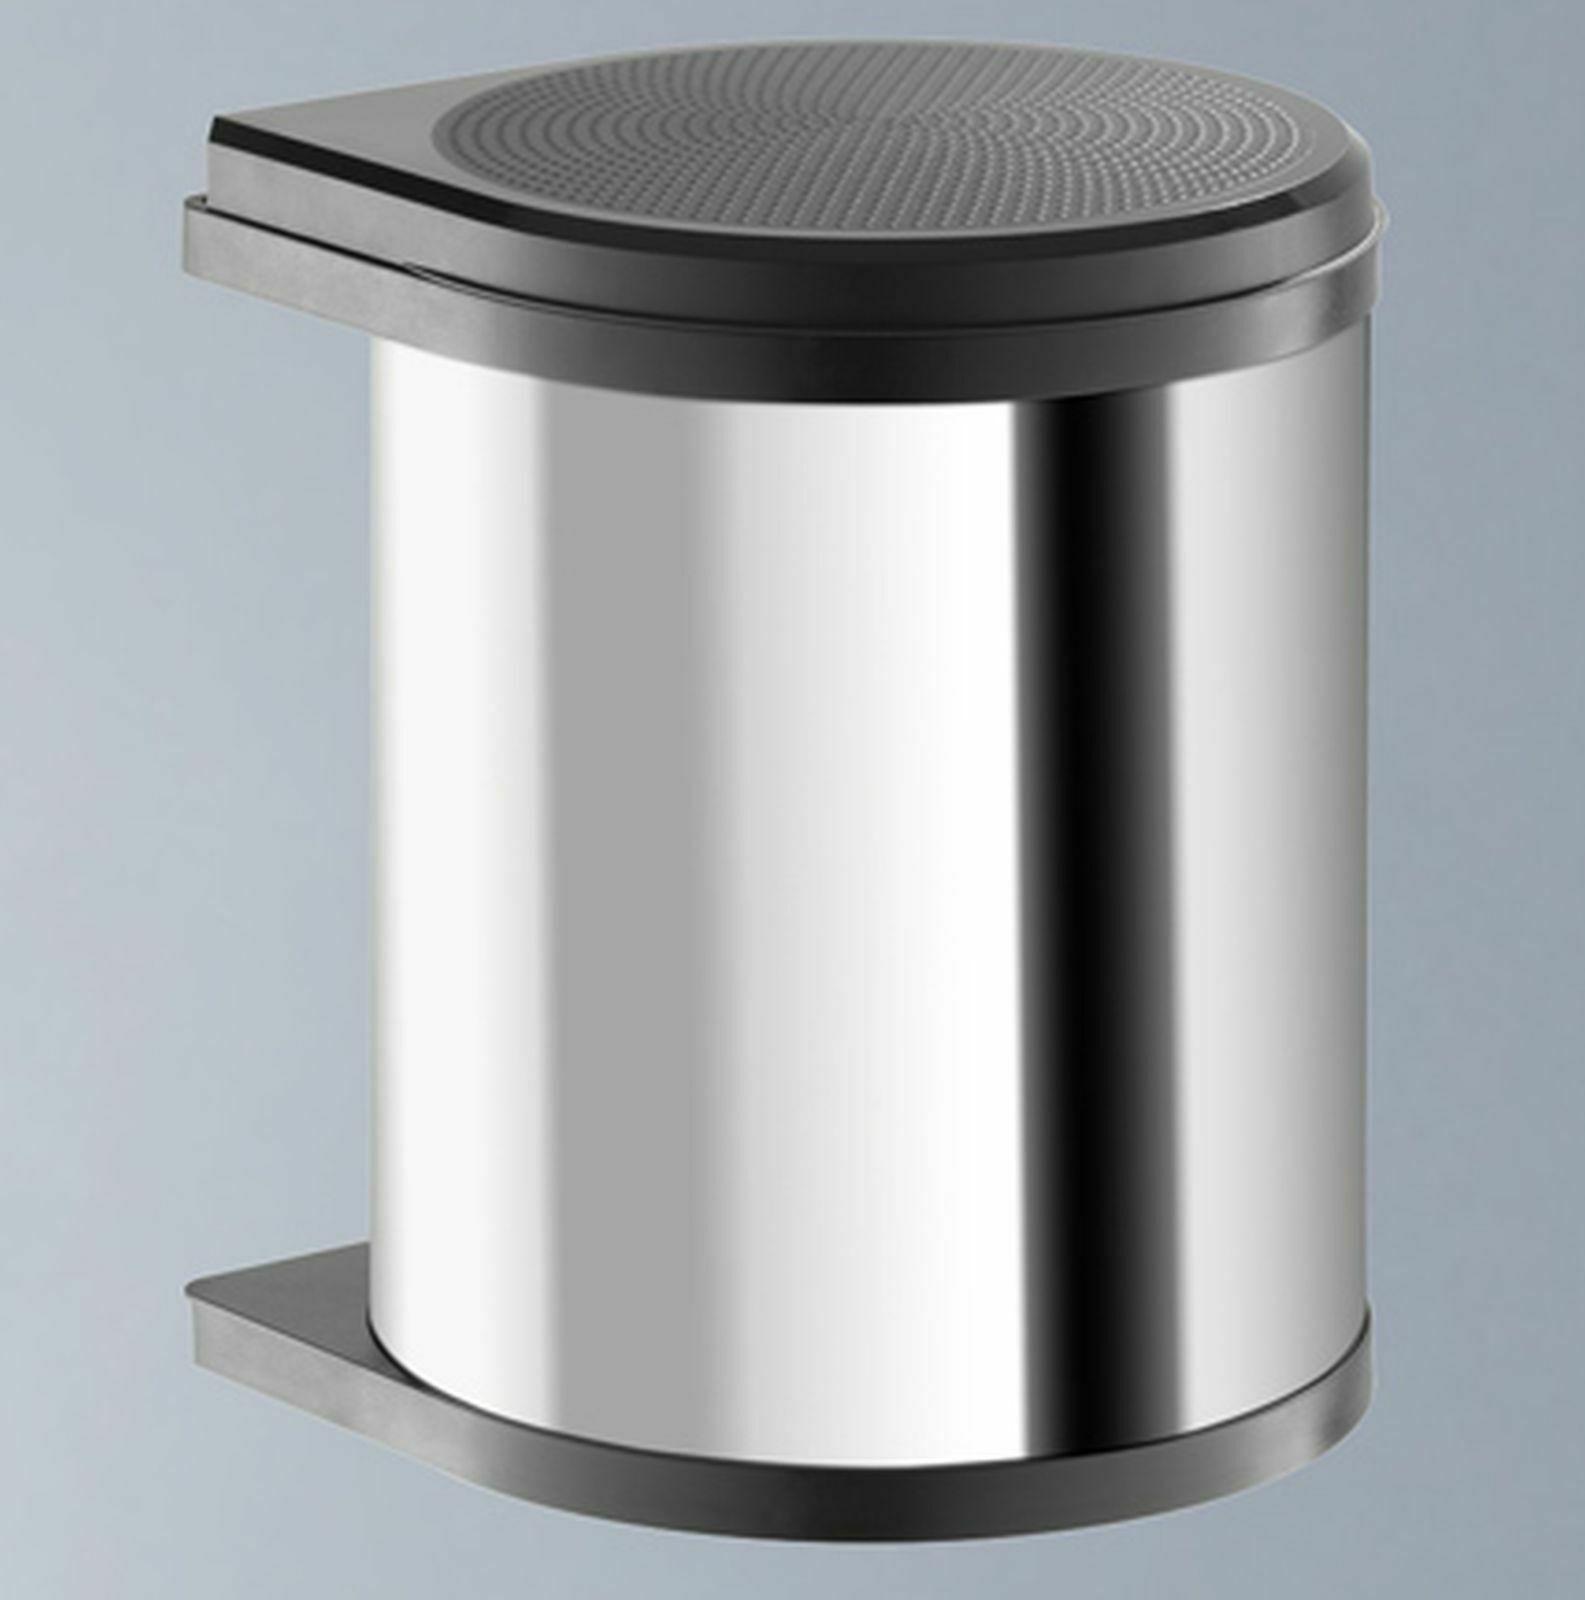 Einbau-Mülleimer Küche 12L Kosmetikeimer Edelstahl Abfalleimer Bioeimer  *515998